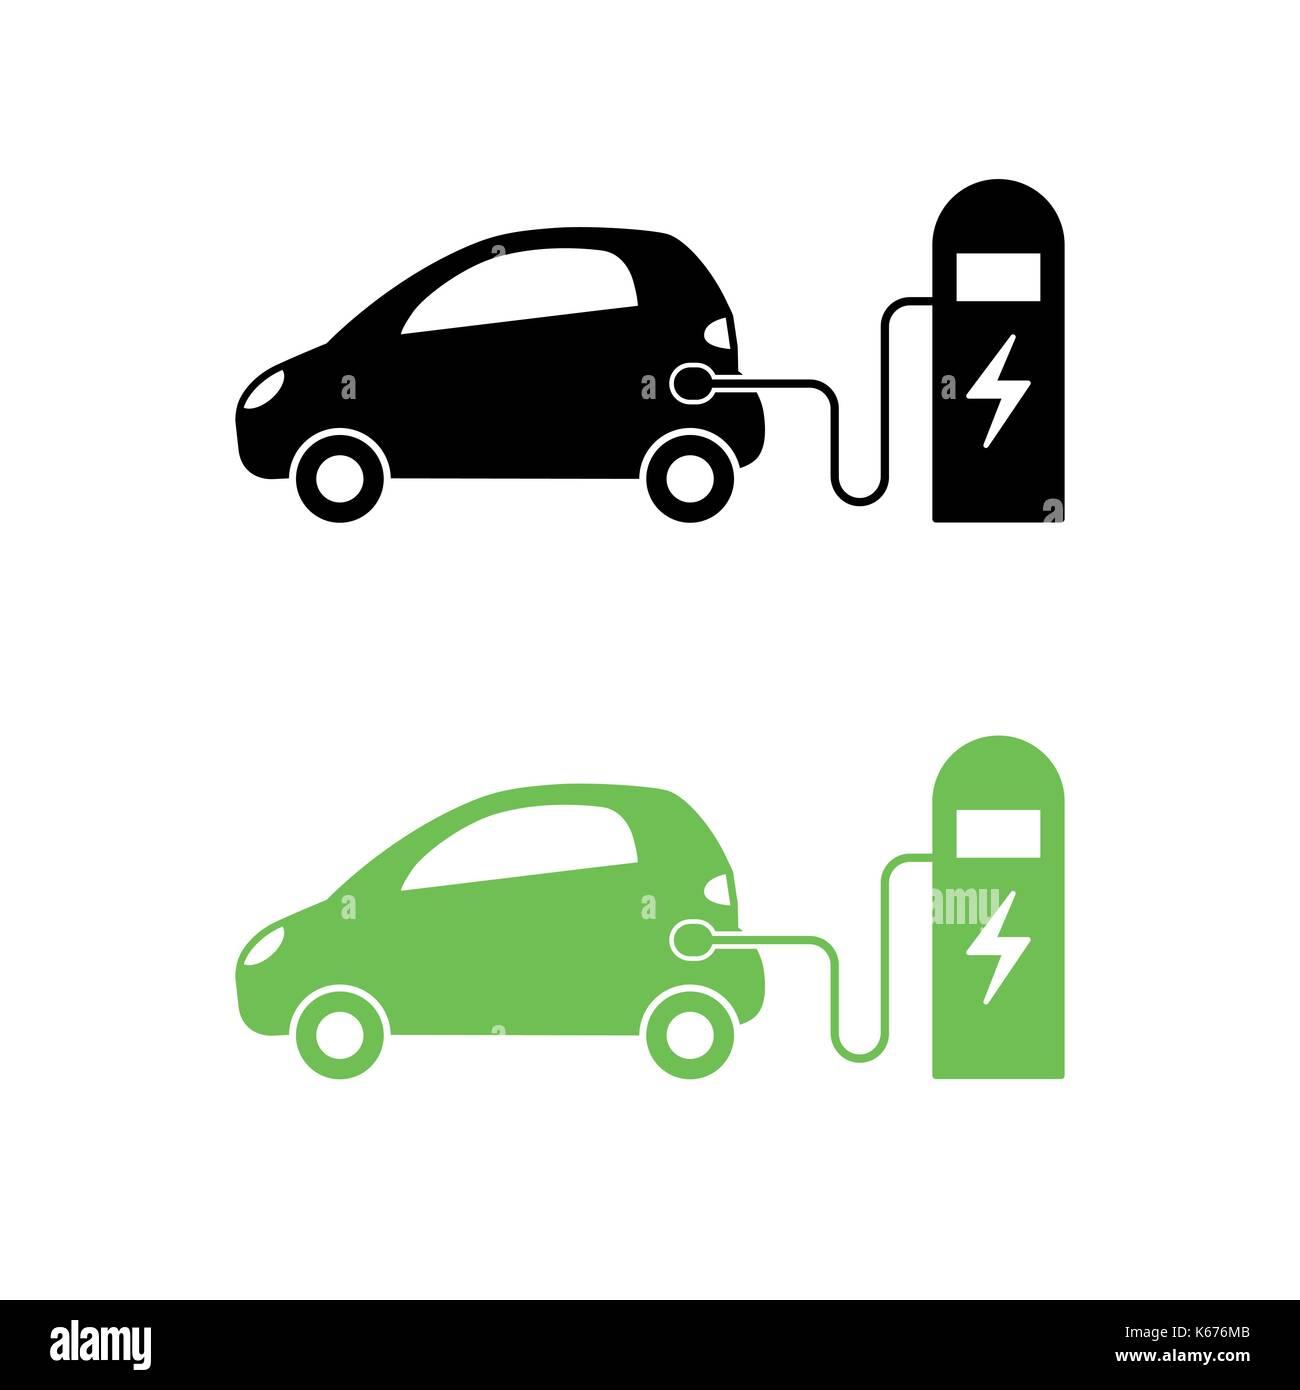 Schön Elektrische Symbole Des Fahrzeugs Fotos - Elektrische ...